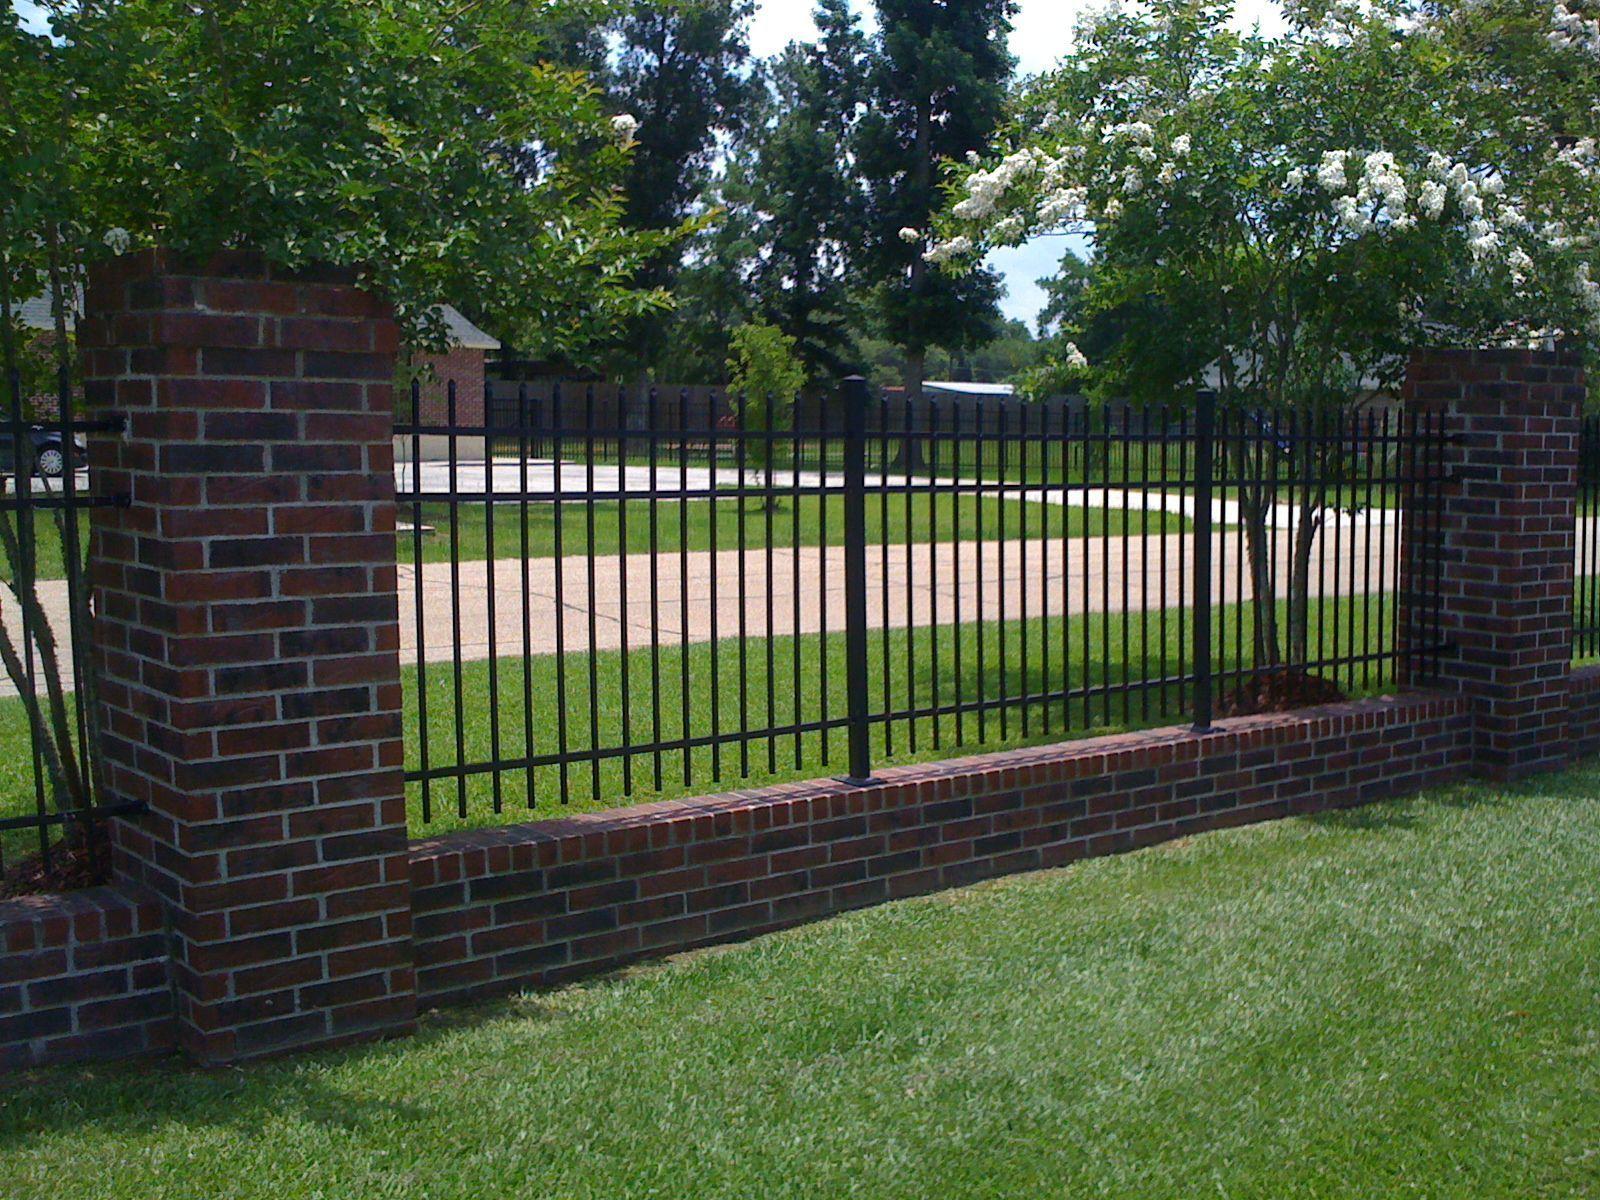 Einfaches hausdesign naksha prodigious useful tips dog fence funny front yard fence stucco